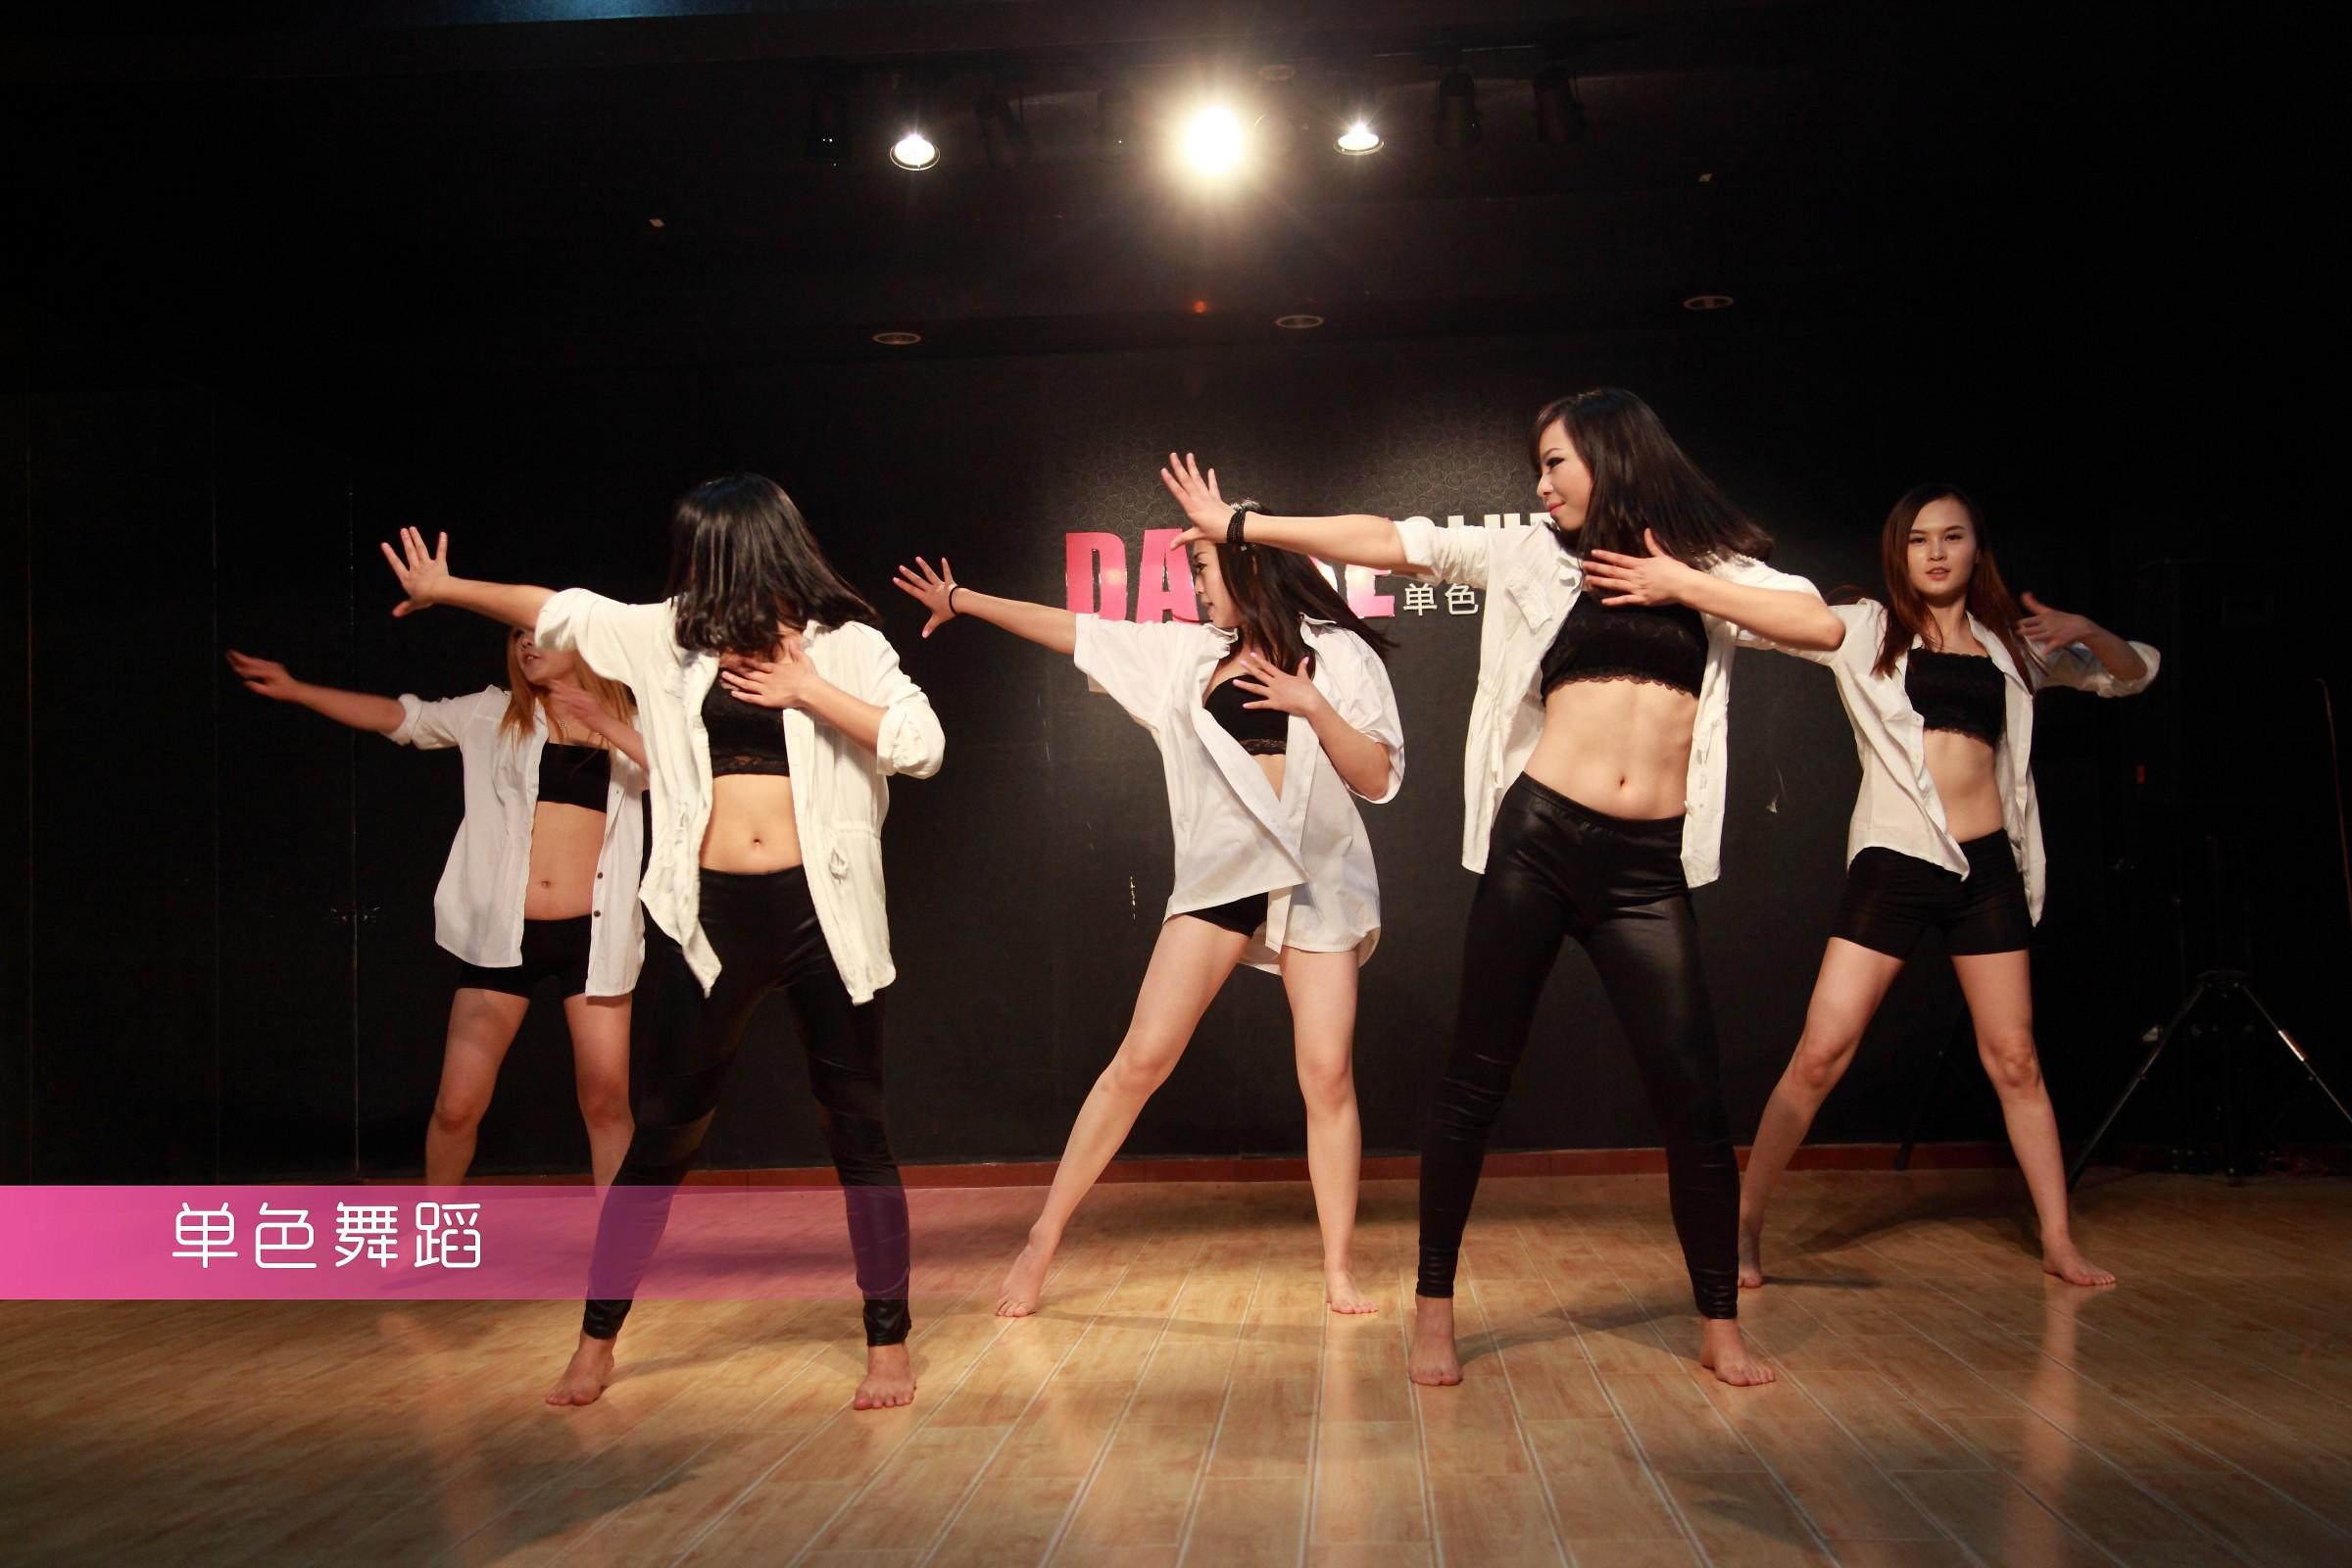 爵士舞基础入门教学方法有哪些?长沙舞蹈培训